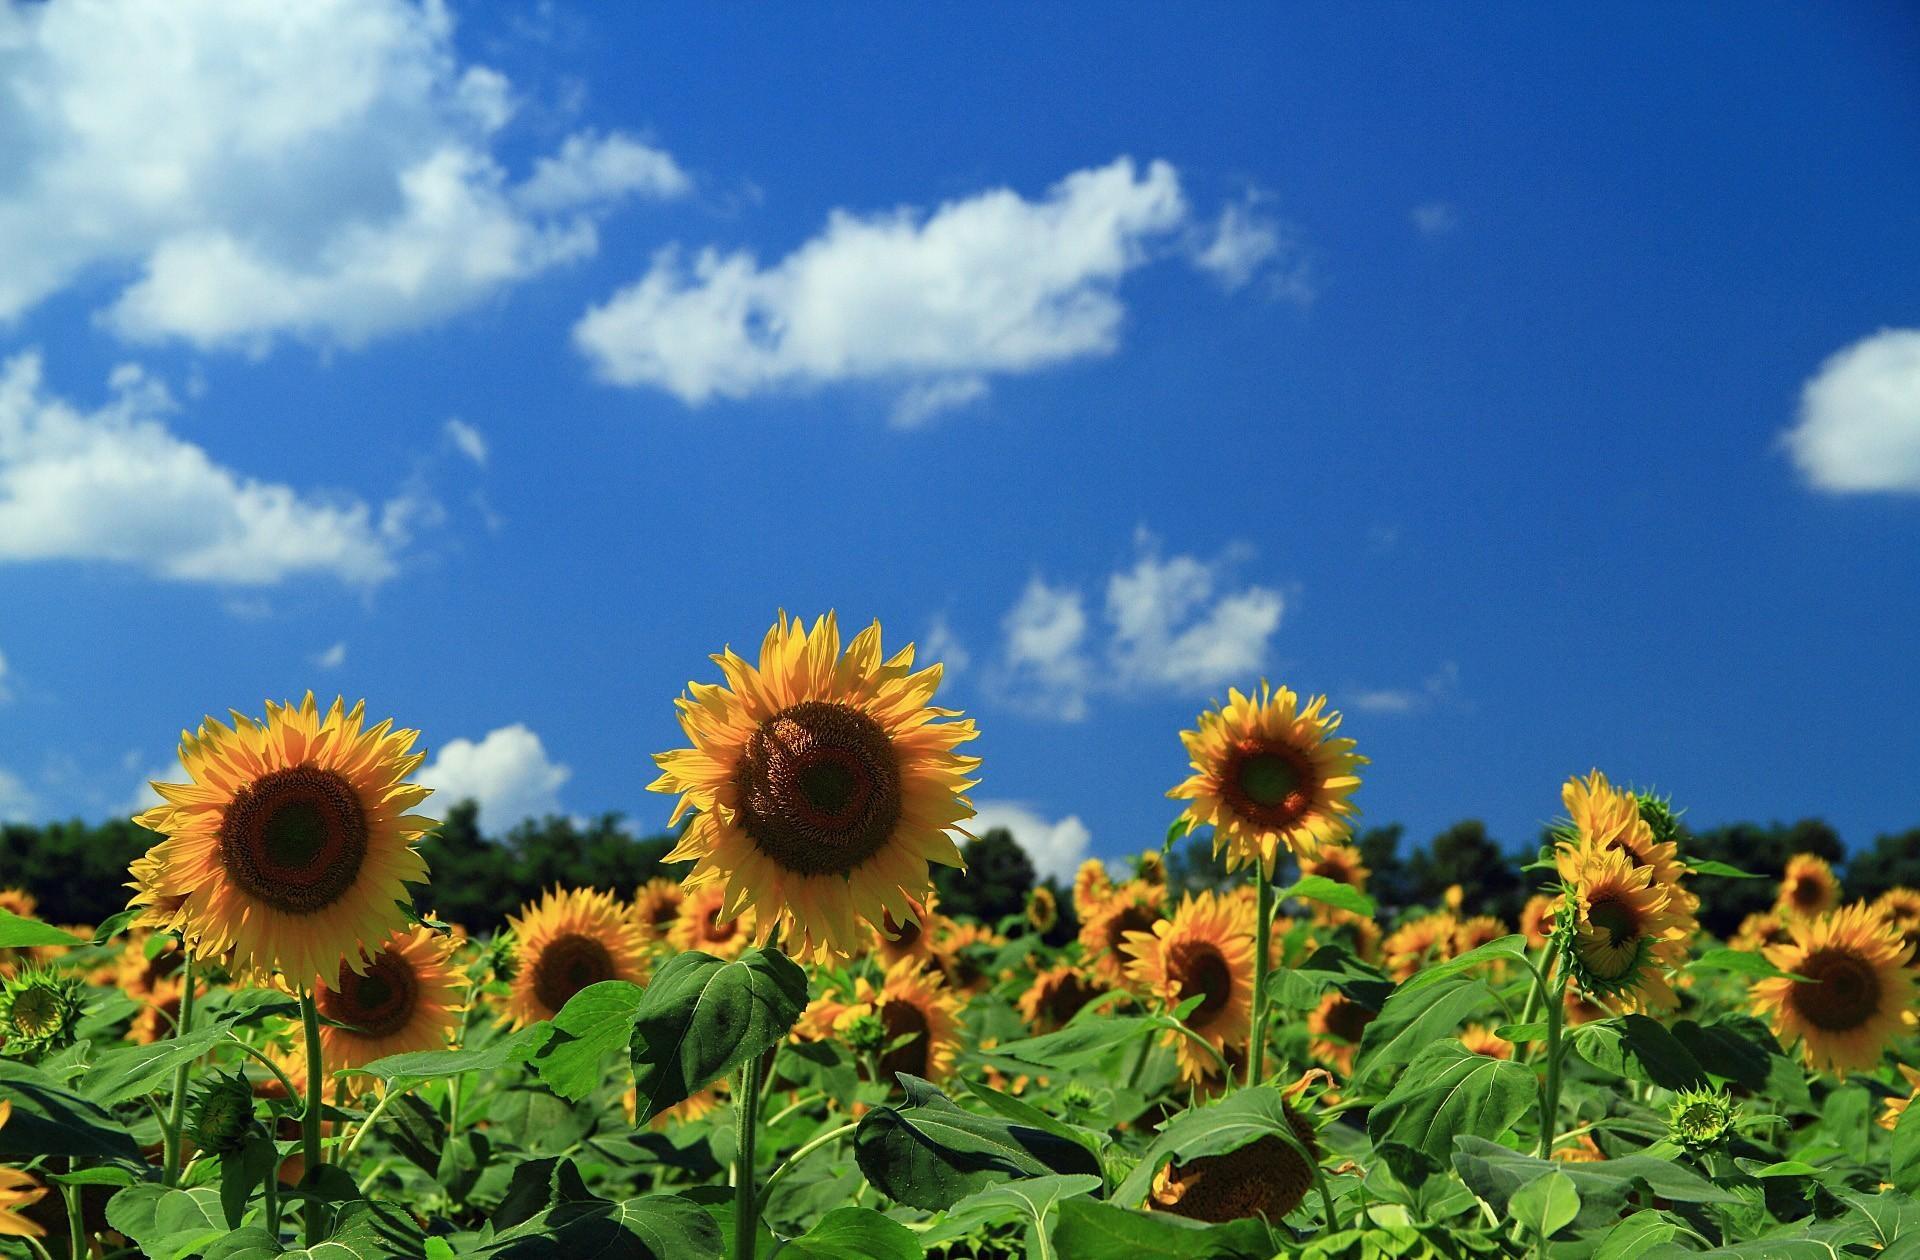 97458 скачать обои Подсолнухи, Цветы, Небо, Облака, Поле - заставки и картинки бесплатно